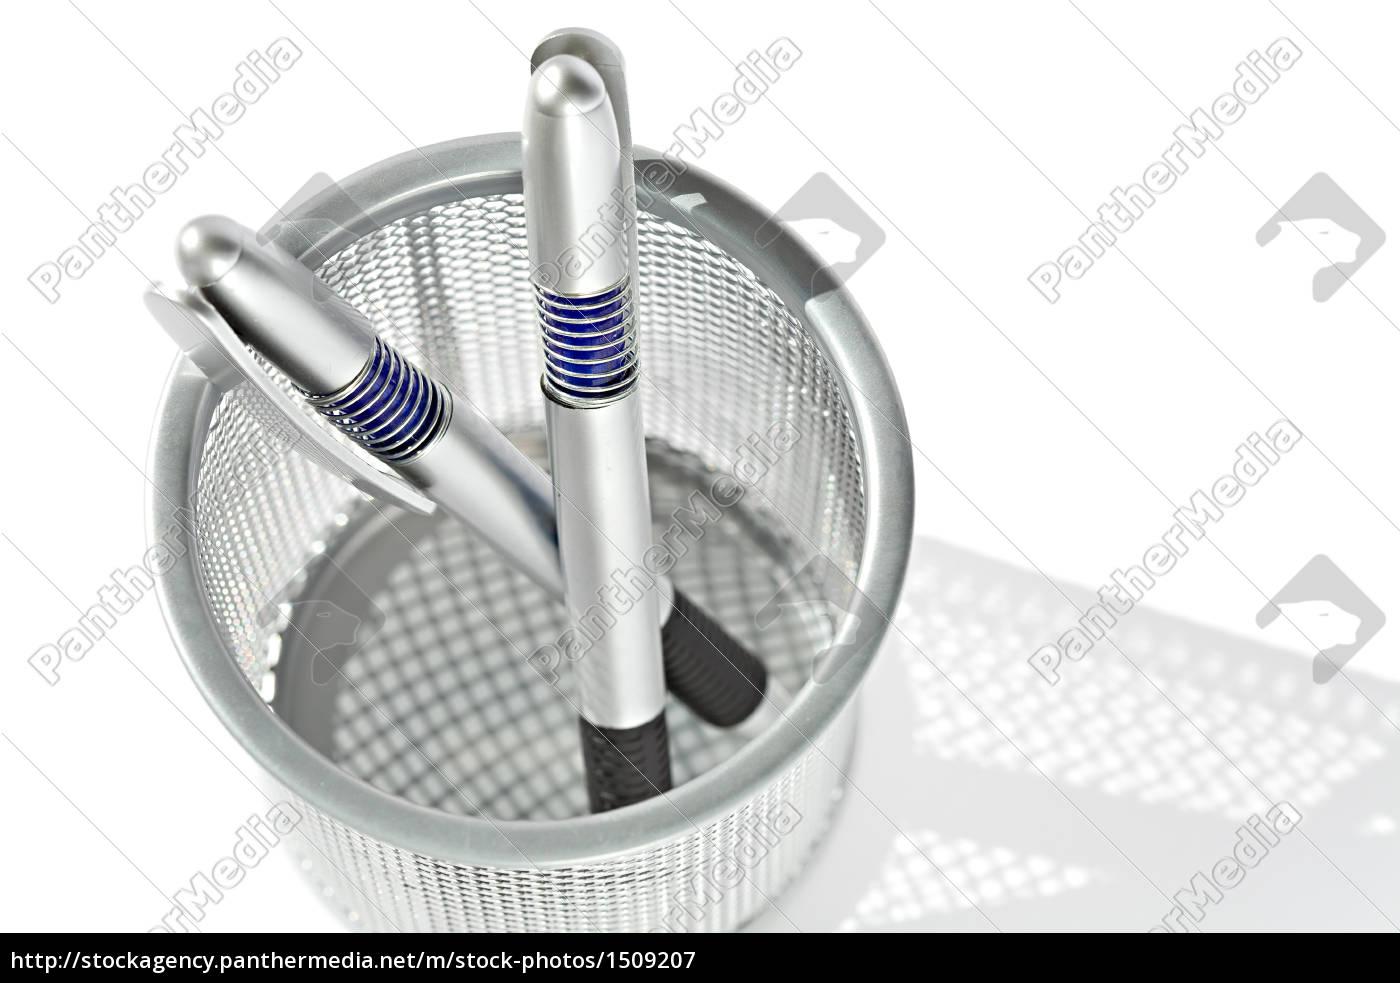 pen - 1509207